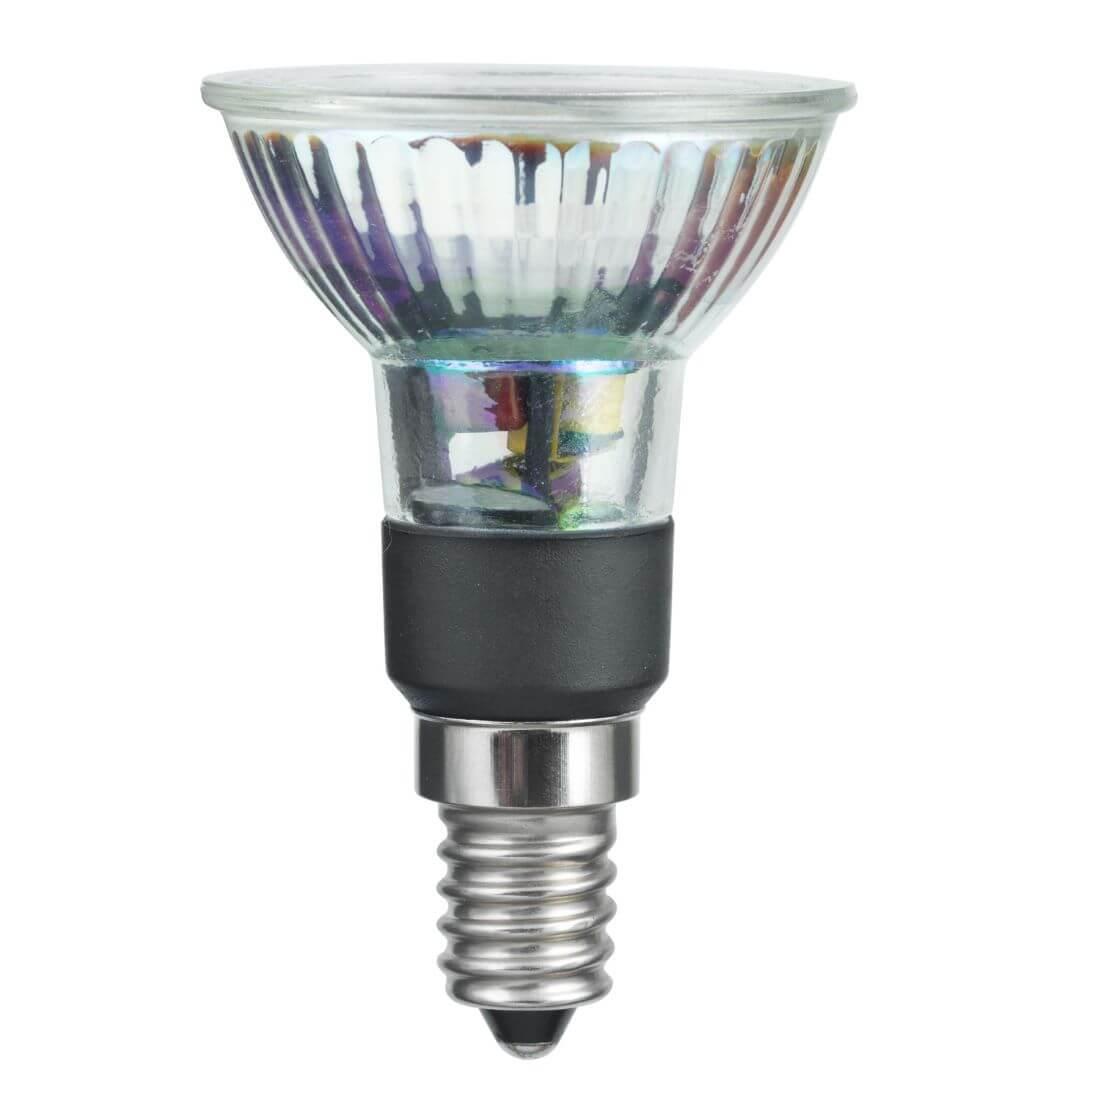 Spotlight för infällnad i tak. Dimbar led lampa med cob diod